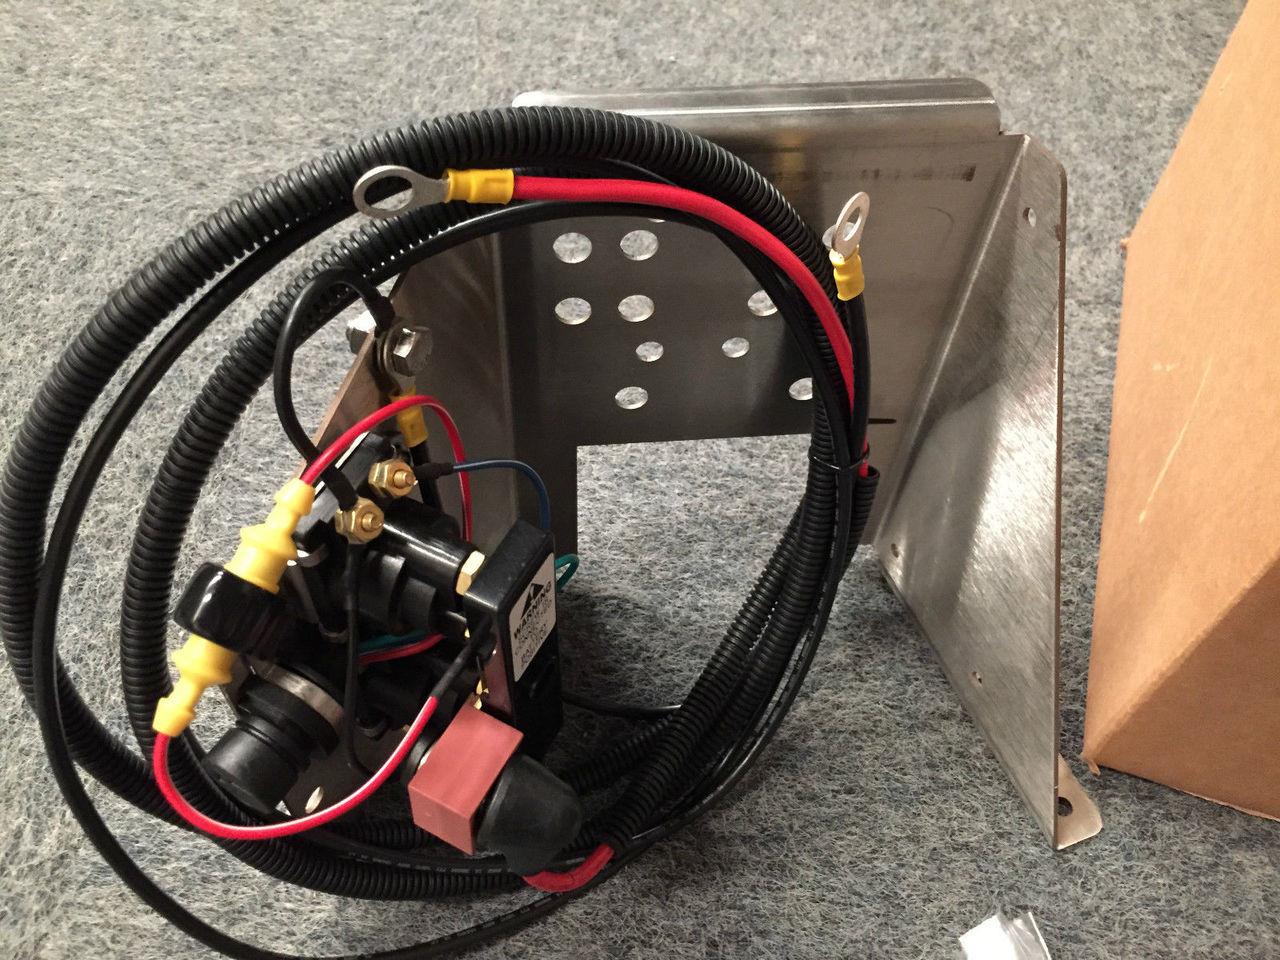 Mercruiser Trim Pump Wiring Diagrams Schematics Boat Gauge Diagram Free Download Stainless Steel Bracket W Solenoid 862548a1